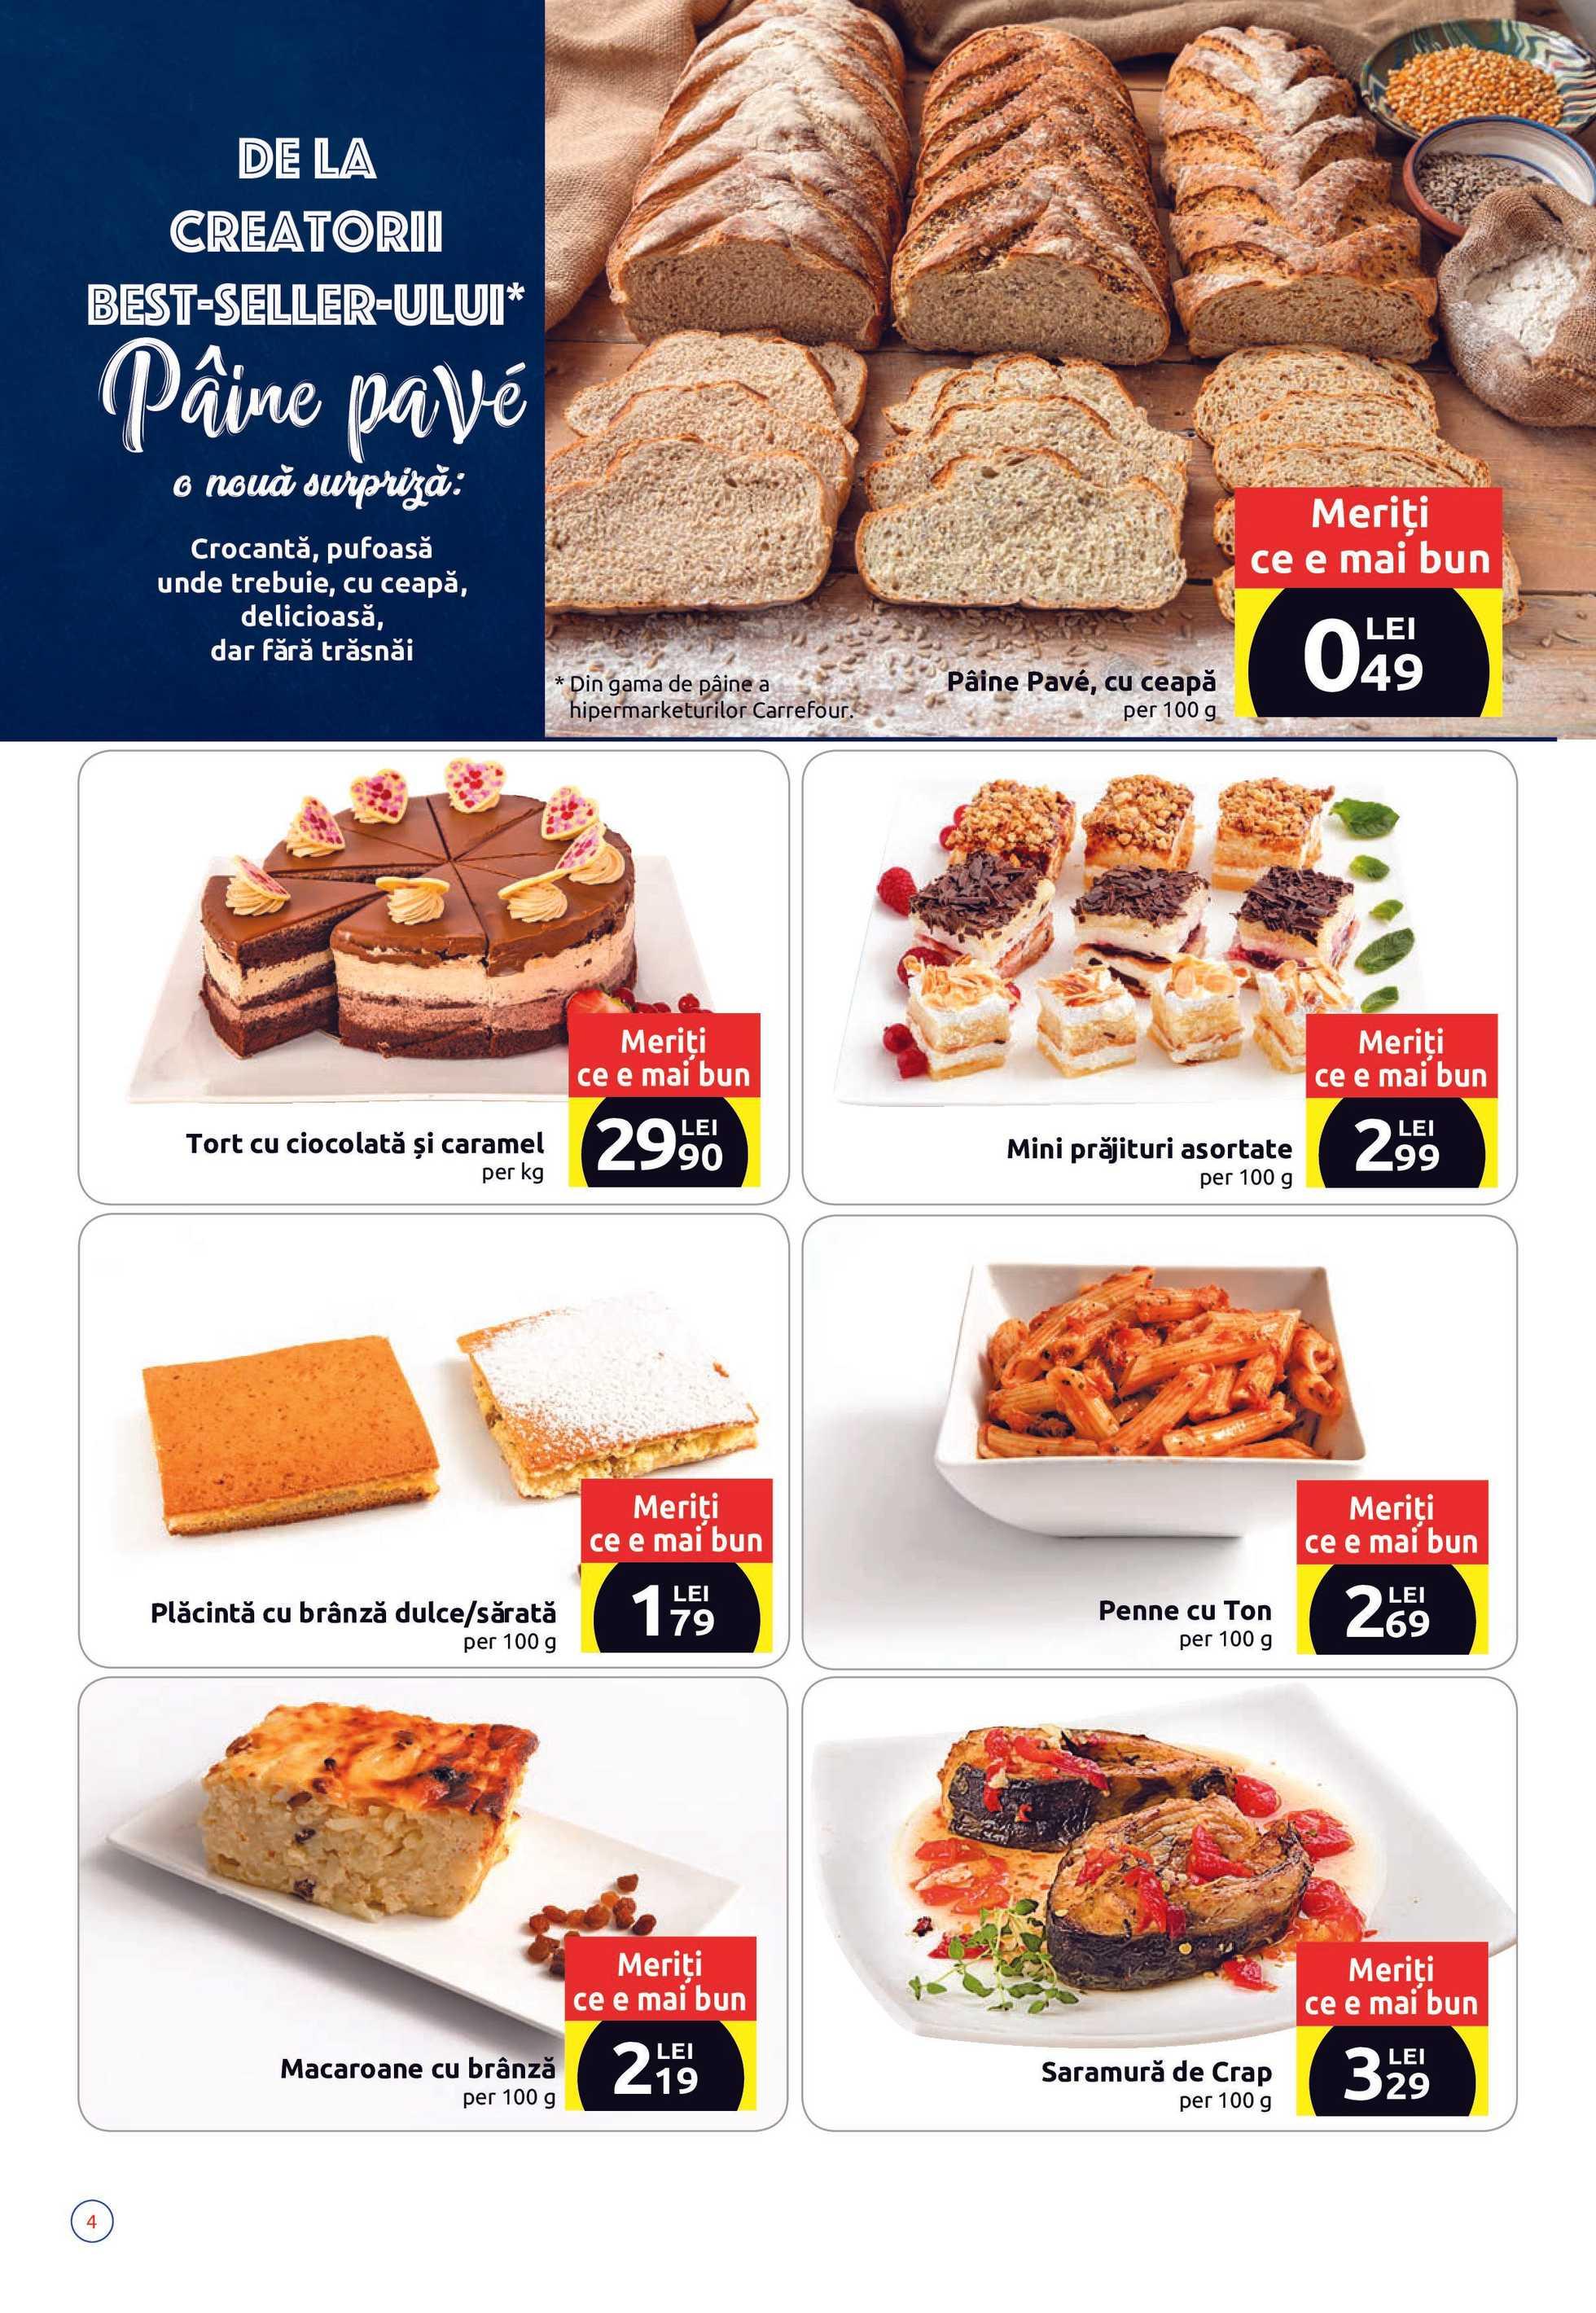 Carrefour - promo începând de la 27.02.2020 până la 04.03.2020 - pagină 4.